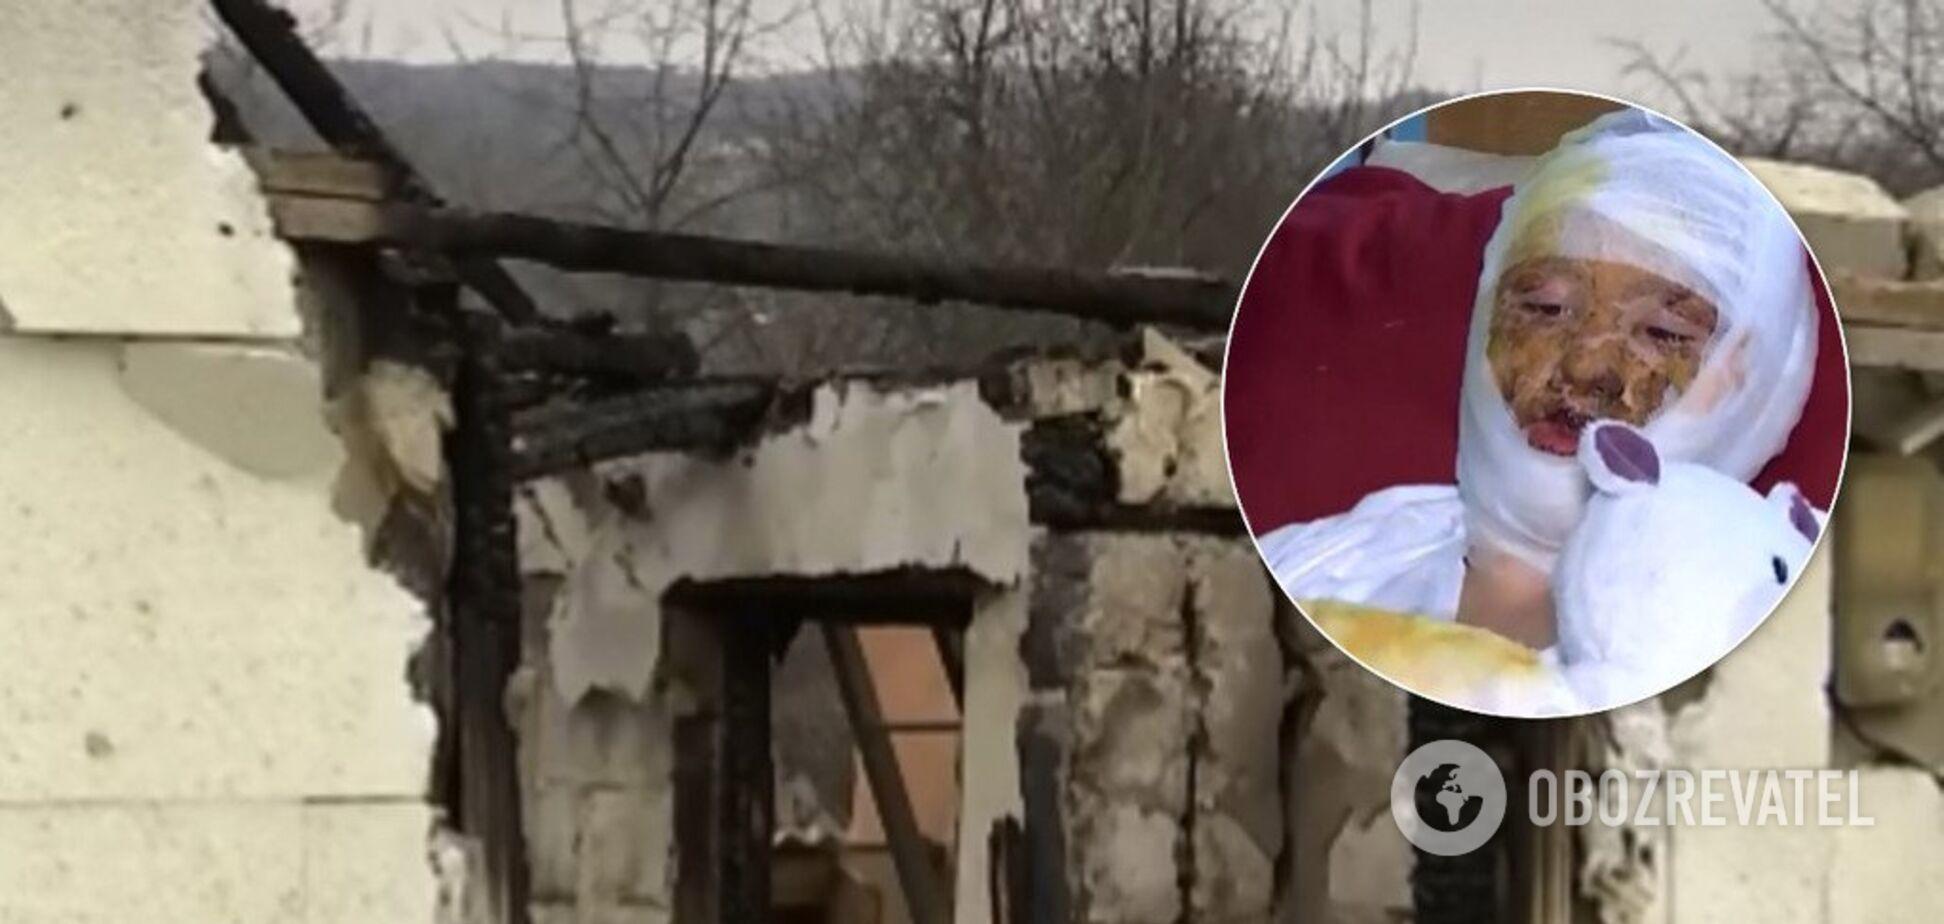 Отец поджег 16-летнюю дочь в Черновцах: выяснились детали зверской расправы. Фото и видео